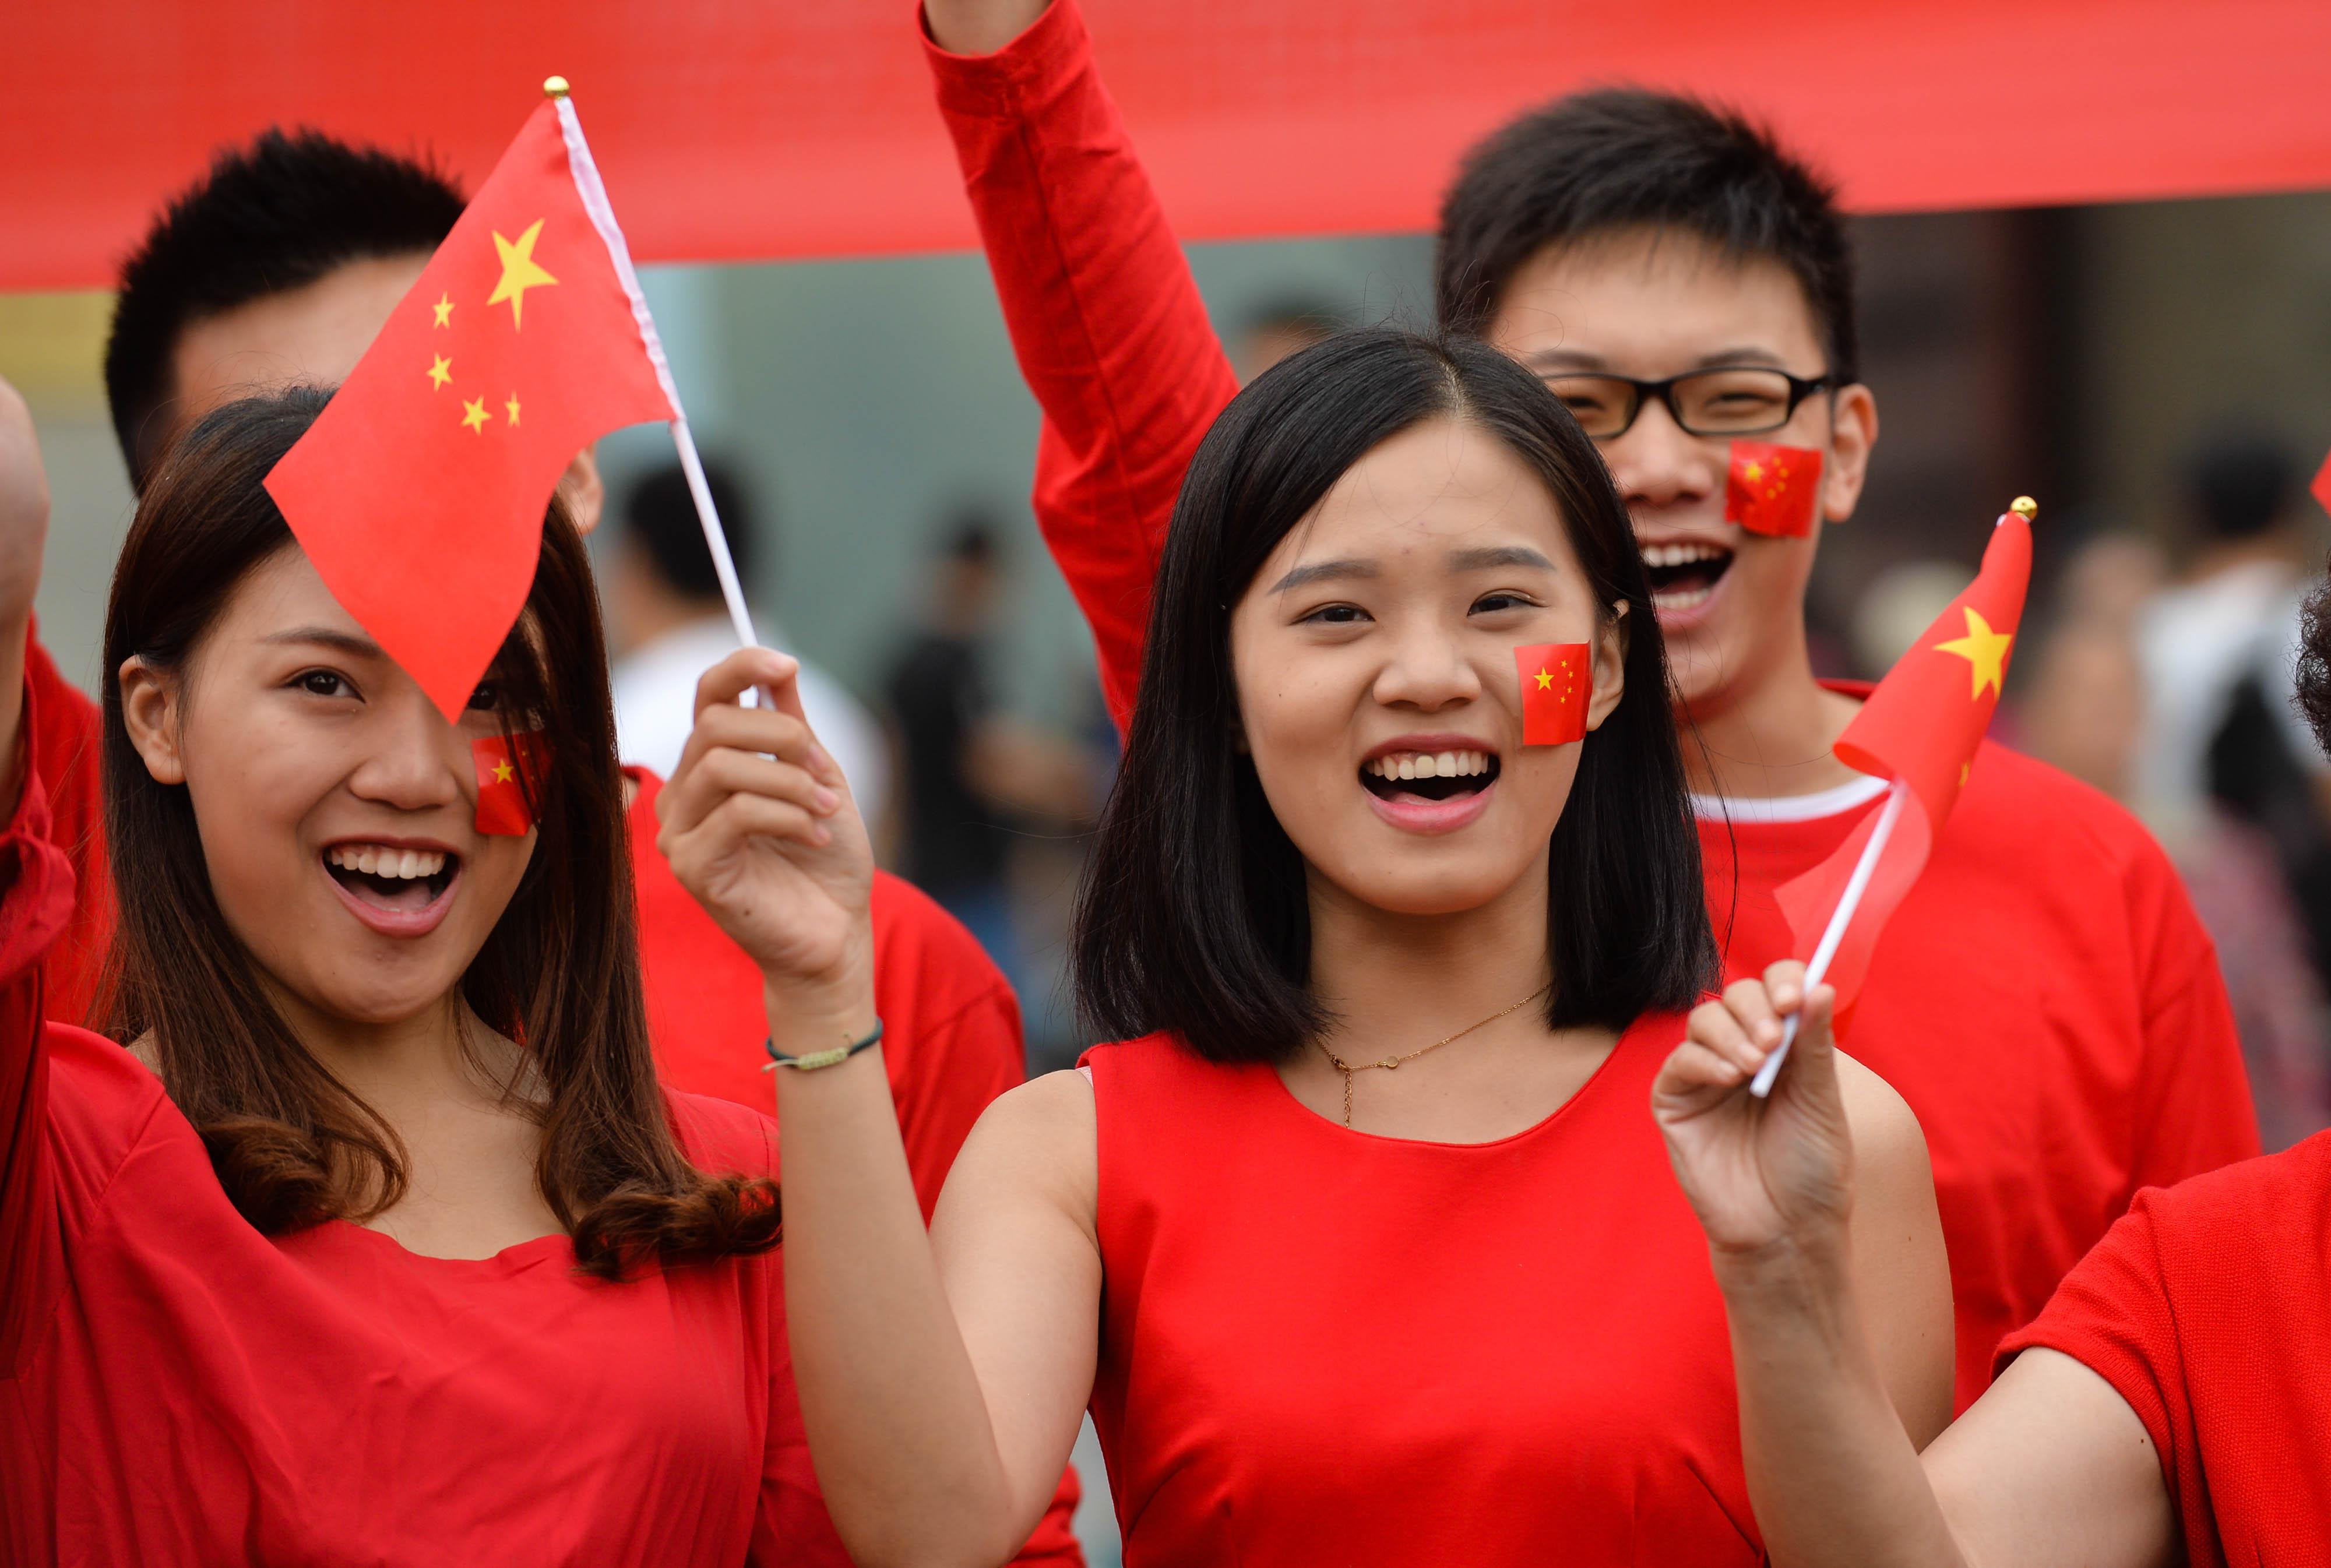 红旗飘飘高清图片